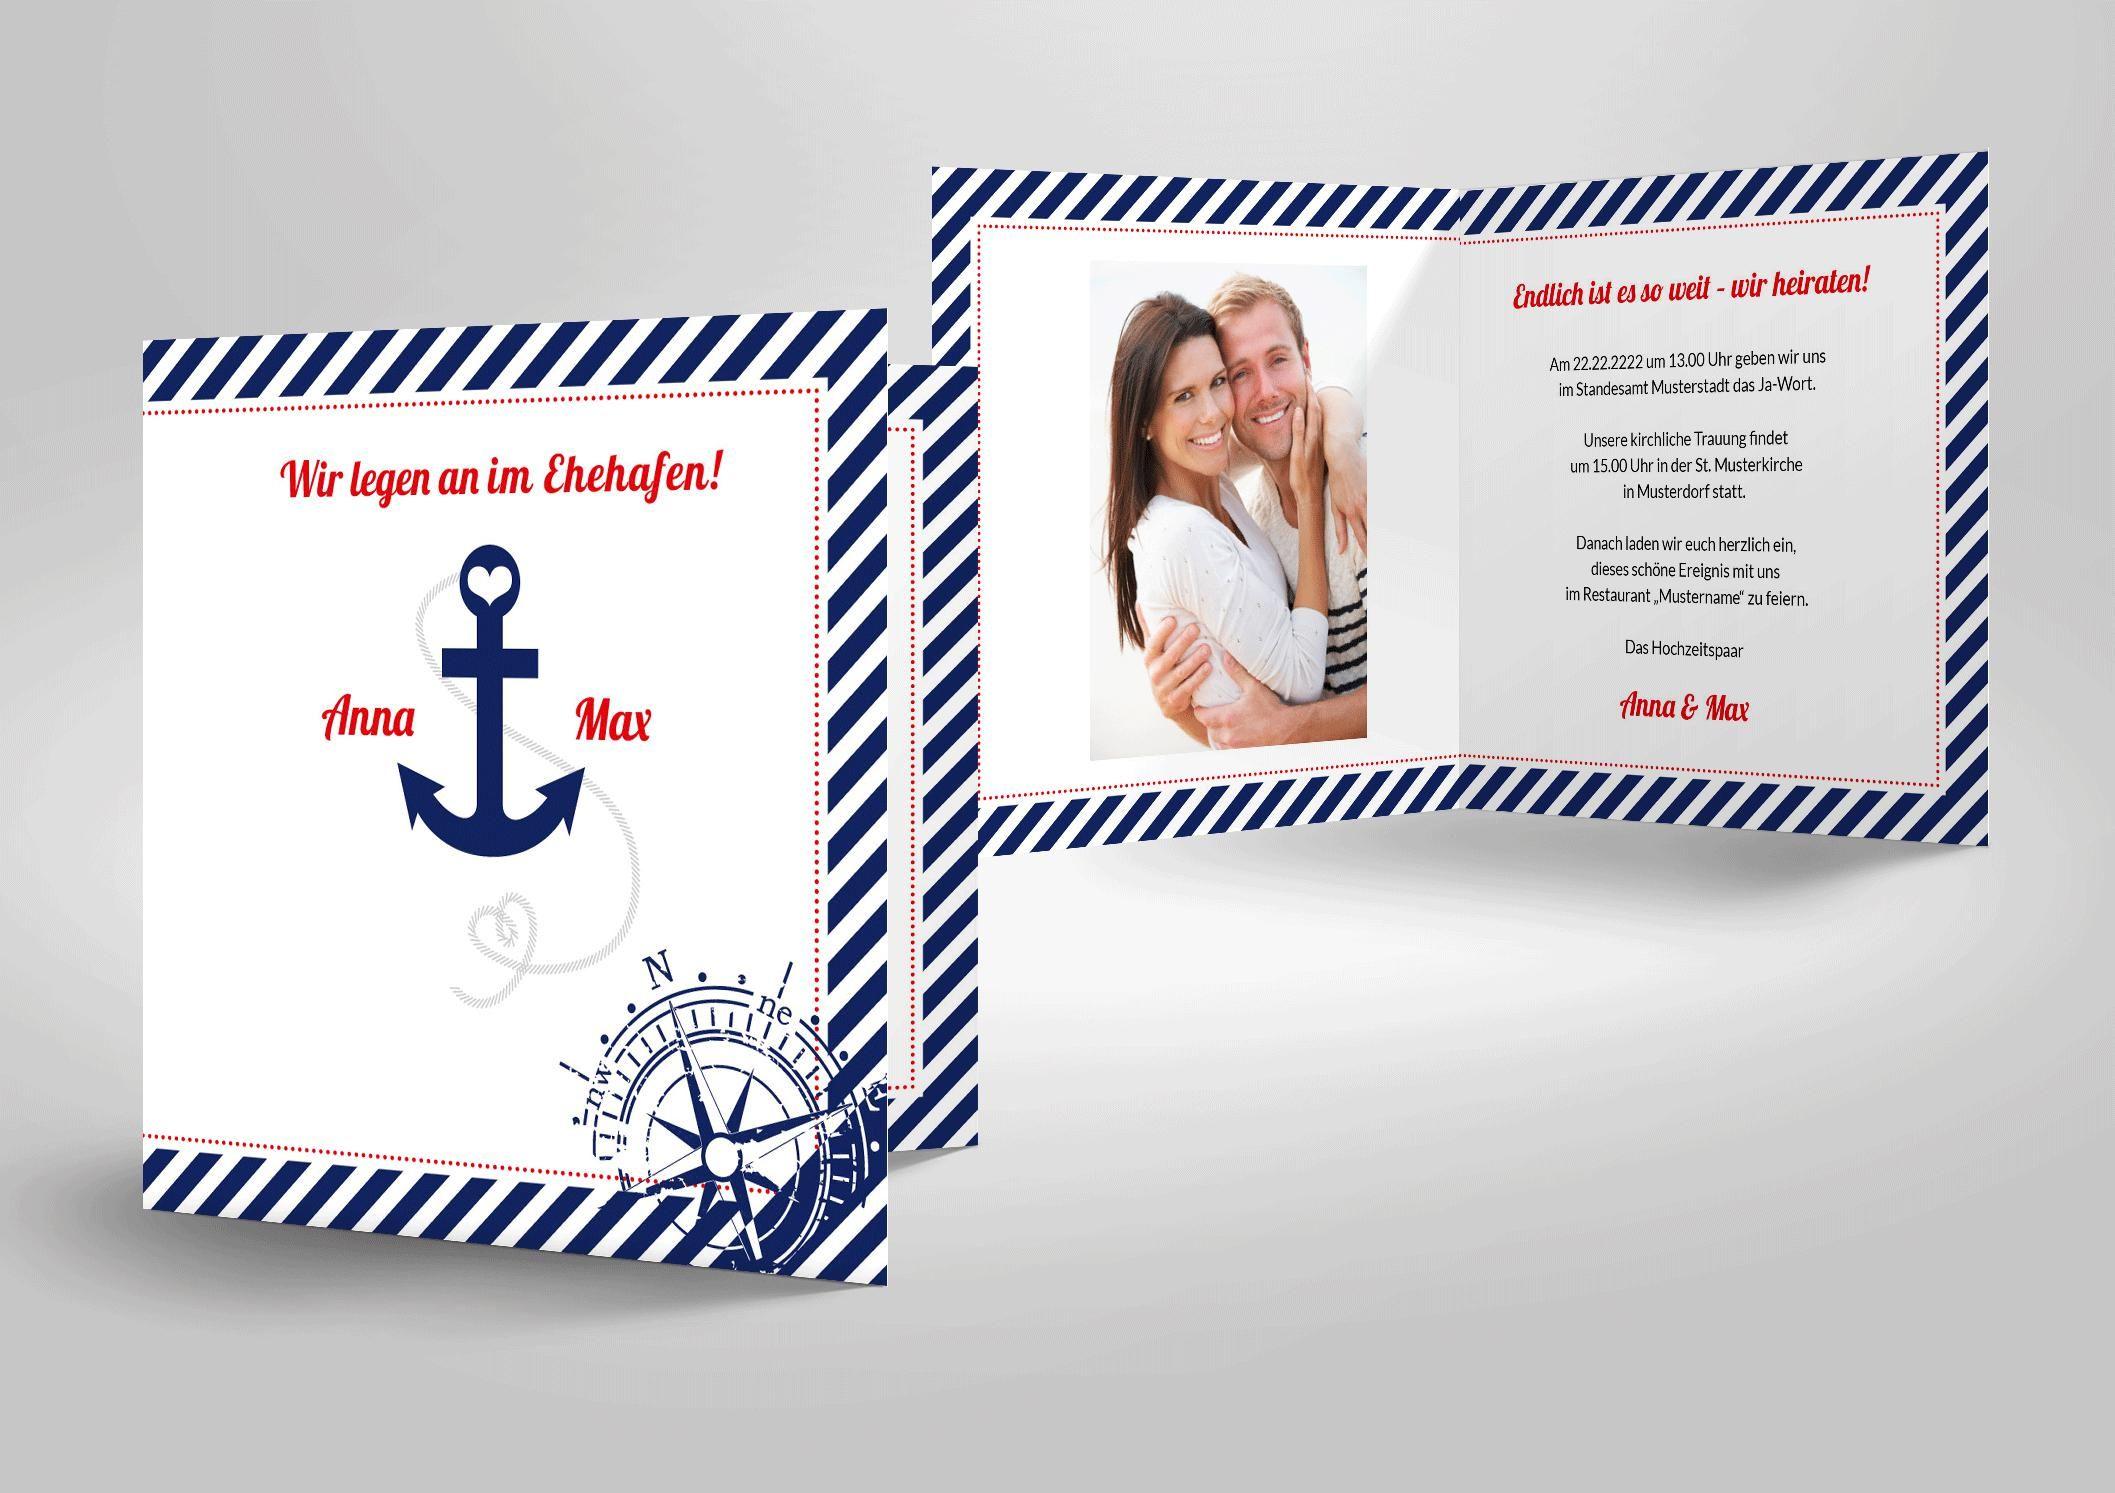 Einladung Geburtstag : Einladung Zum 30 Geburtstag   Geburstag  Einladungskarten   Geburstag Einladungskarten | Geburtstag | Pinterest |  Einladung Zum 30 ...